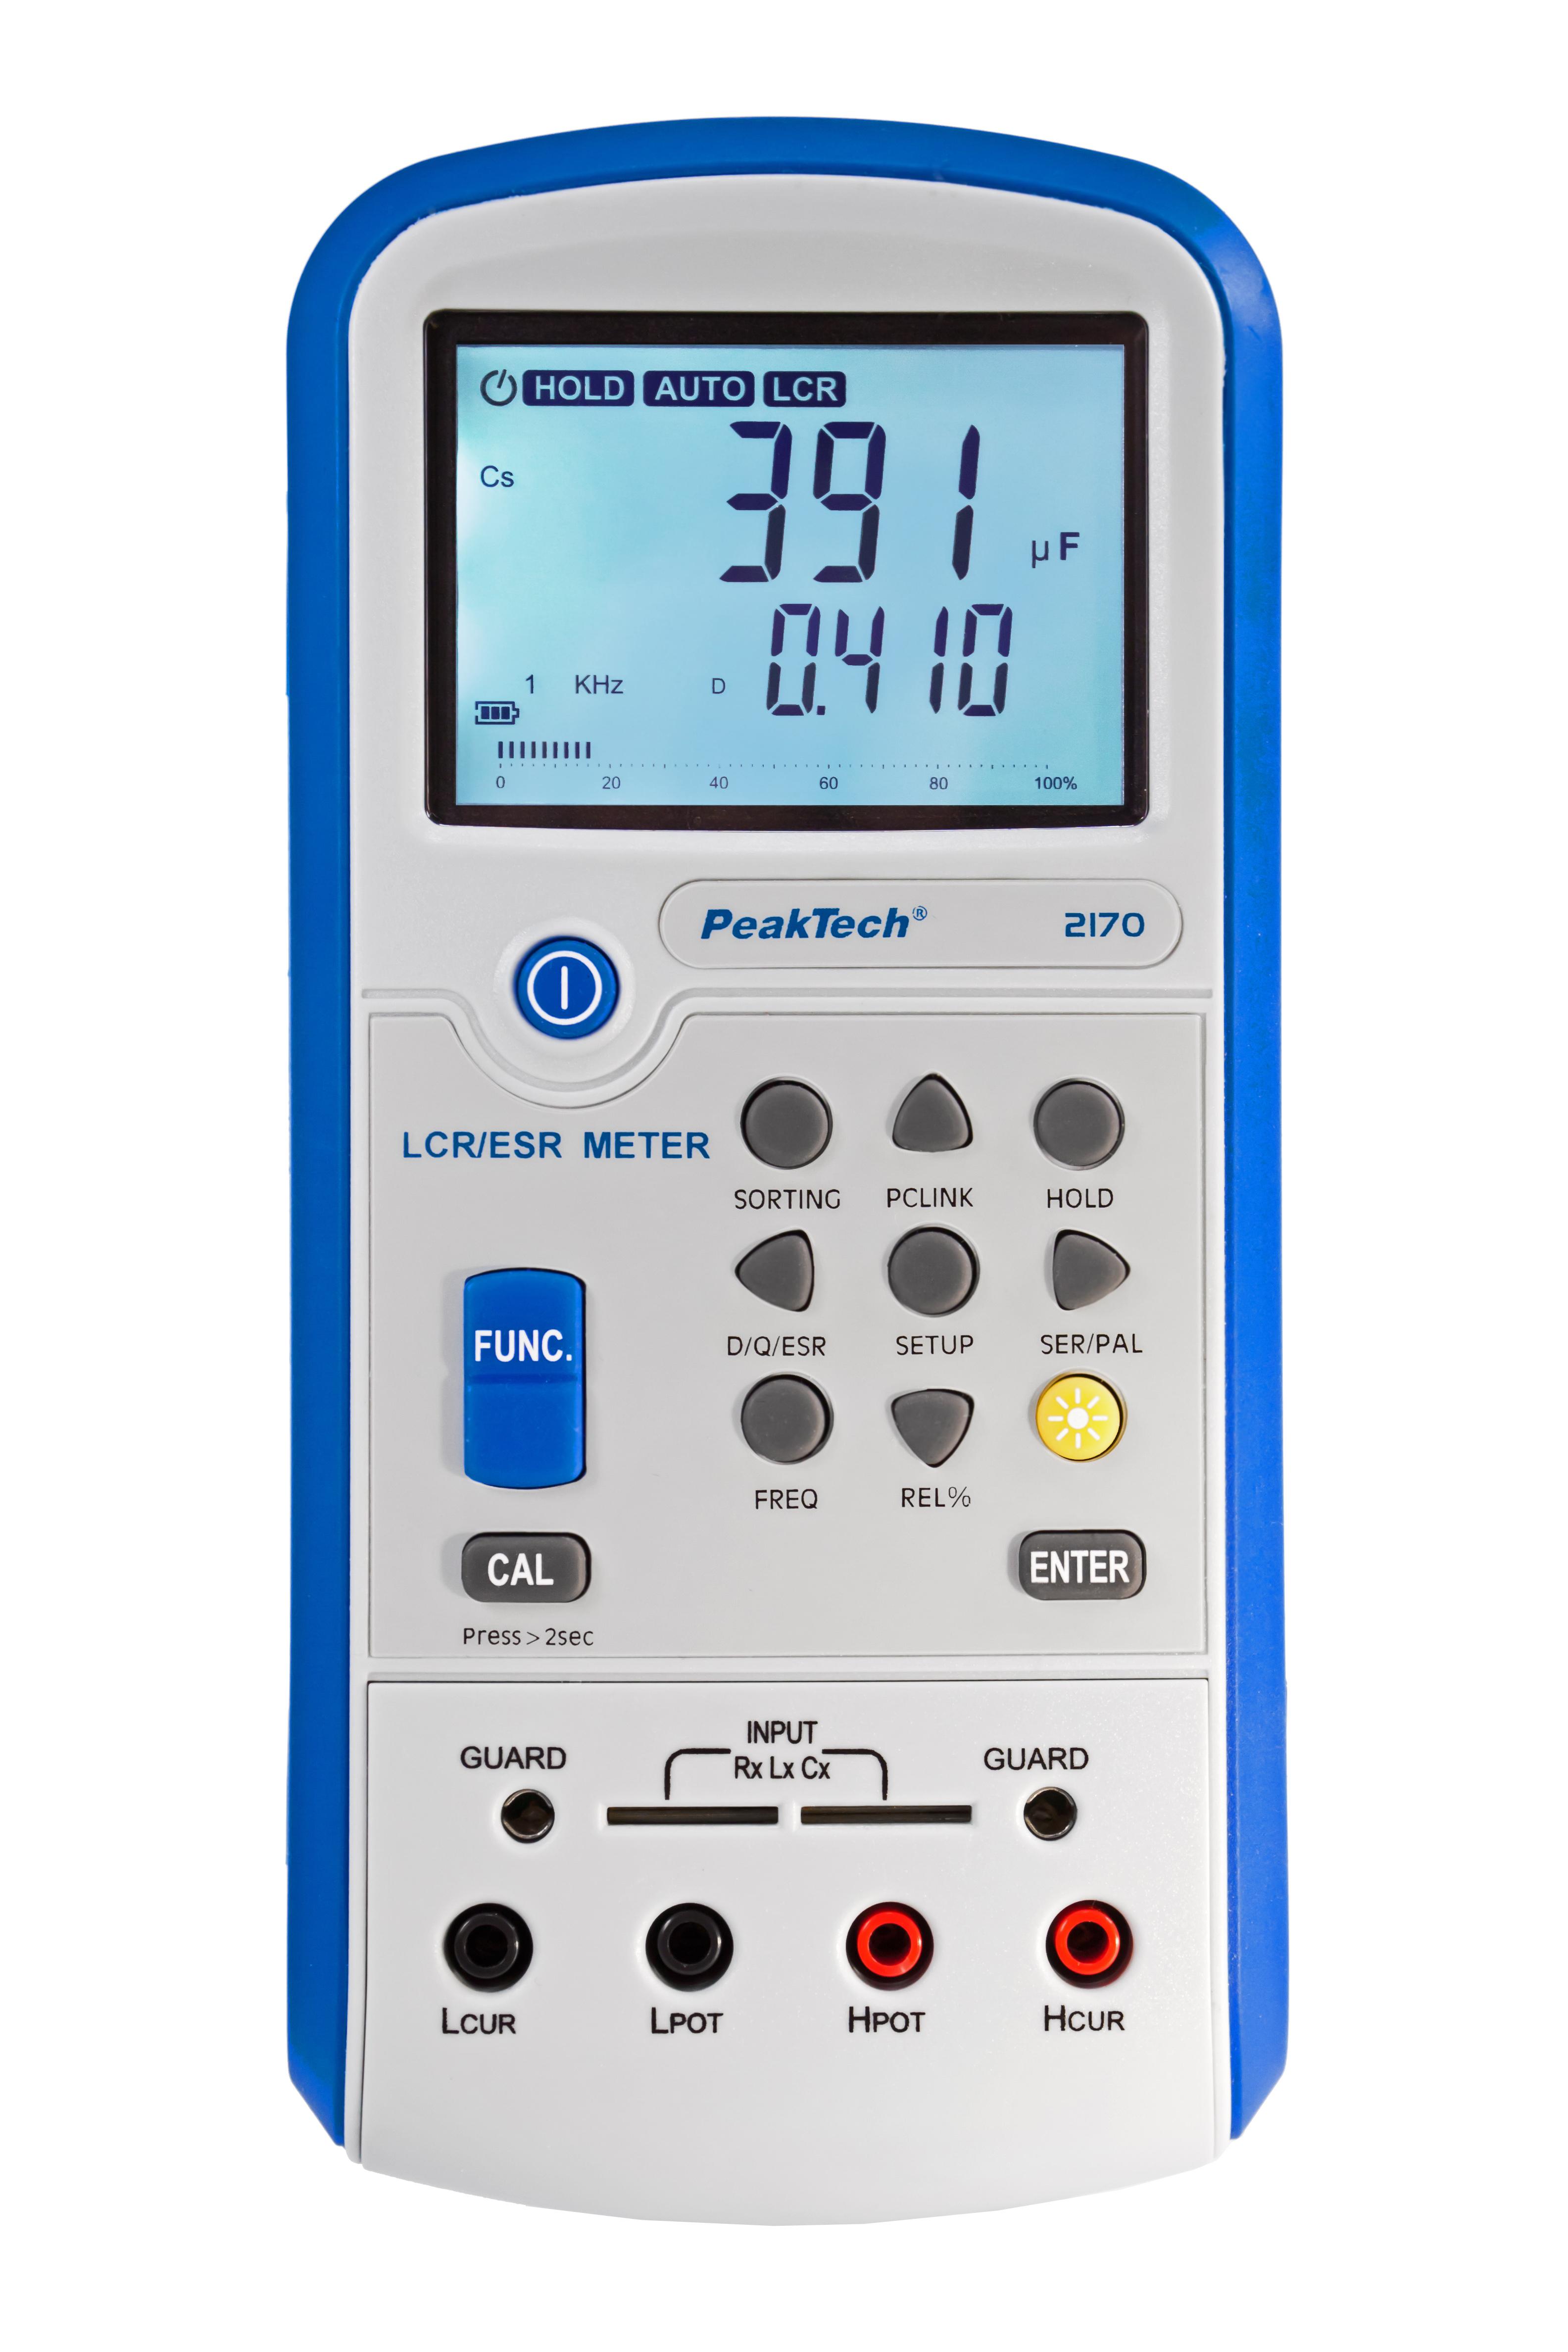 «PeakTech® P 2170» LCR-/ESR-Meter, 100 Hz - 100 kHz, with USB